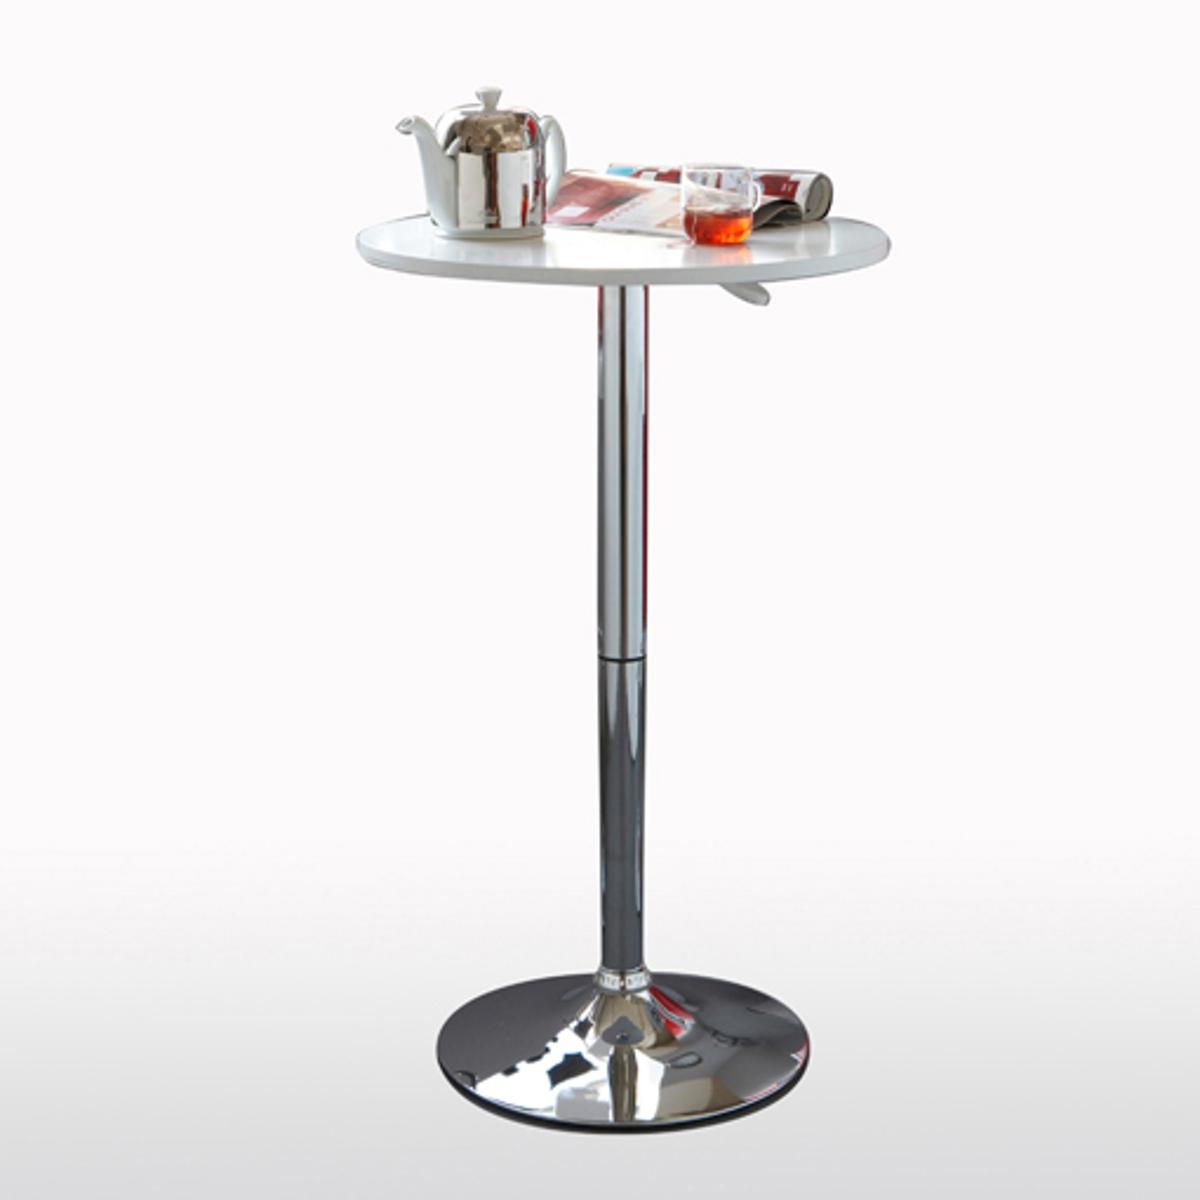 Стол барный Janik, регулируемый по высотеАвтоматически регулируемый по высоте барный столик Janik подарит Вам самый высокий уровень комфорта! Подходящие барные стулья Вы найдете на сайте laredoute.ru. Описание:Регулируется по высоте: автоматически подымается и опускается - для Вашегокомфорта: от 83 до 108 см.Противоскользящая вставка под основанием.Данная модель стола требует самостоятельной сборки. Характеристики:- Столешница из МДФ с покрытием полиуретановым лаком.- Ручка, основание и подставка для ног из хромированной стали.Откройте для себя другие модели мебели из коллекции Janik на сайте laredoute.ru.Размеры:Общие:- Столешница: ?60 см.- Основание: ?45 см.- Регулируемая высота: 83 - 108 см.<br><br>Цвет: белый